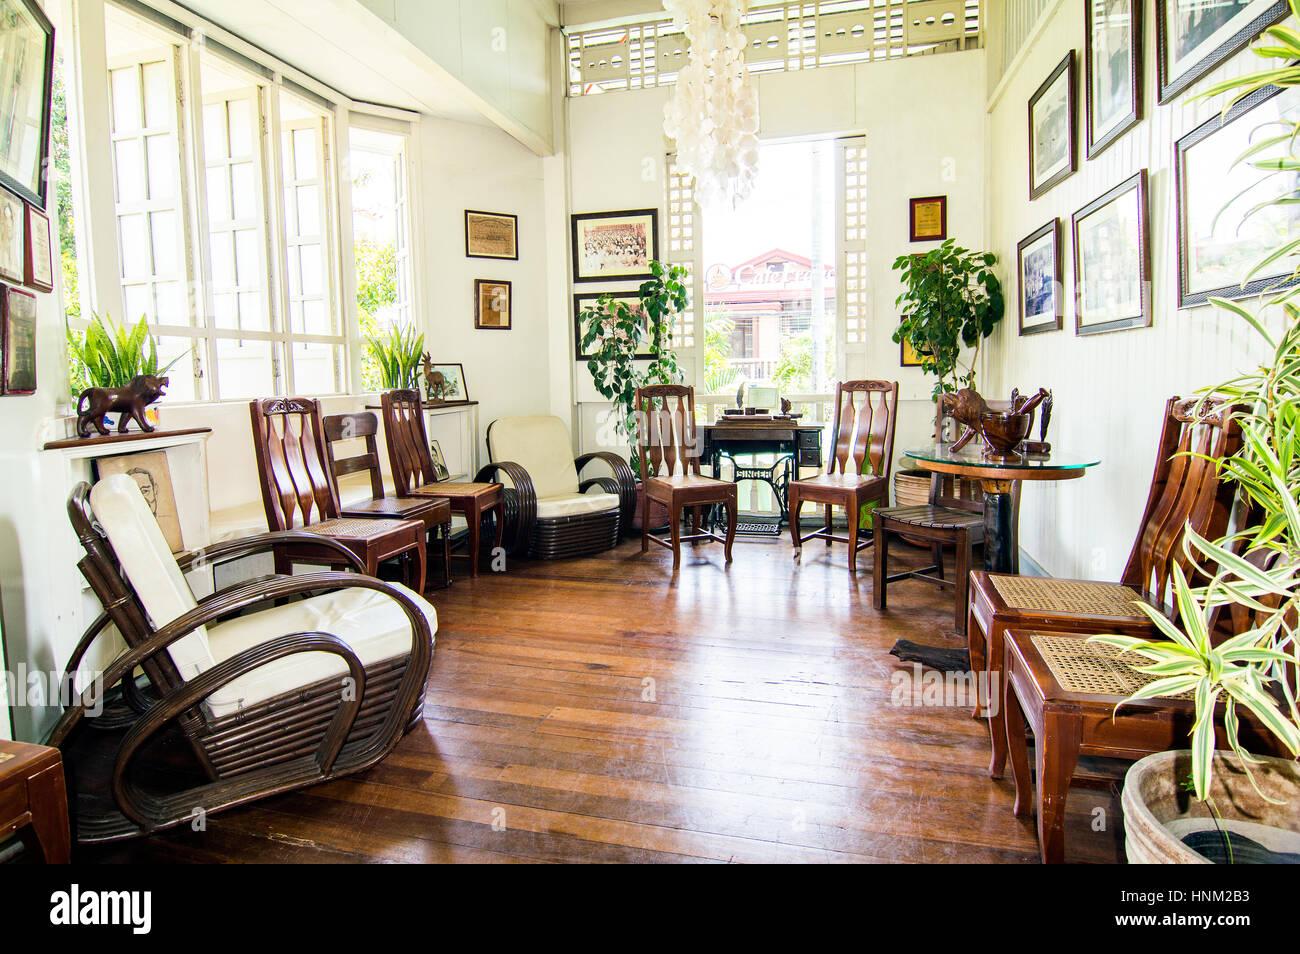 Veranda, Oboza Heritage House, Rizal Street, Davao, Davao Del Sur,  Philippines